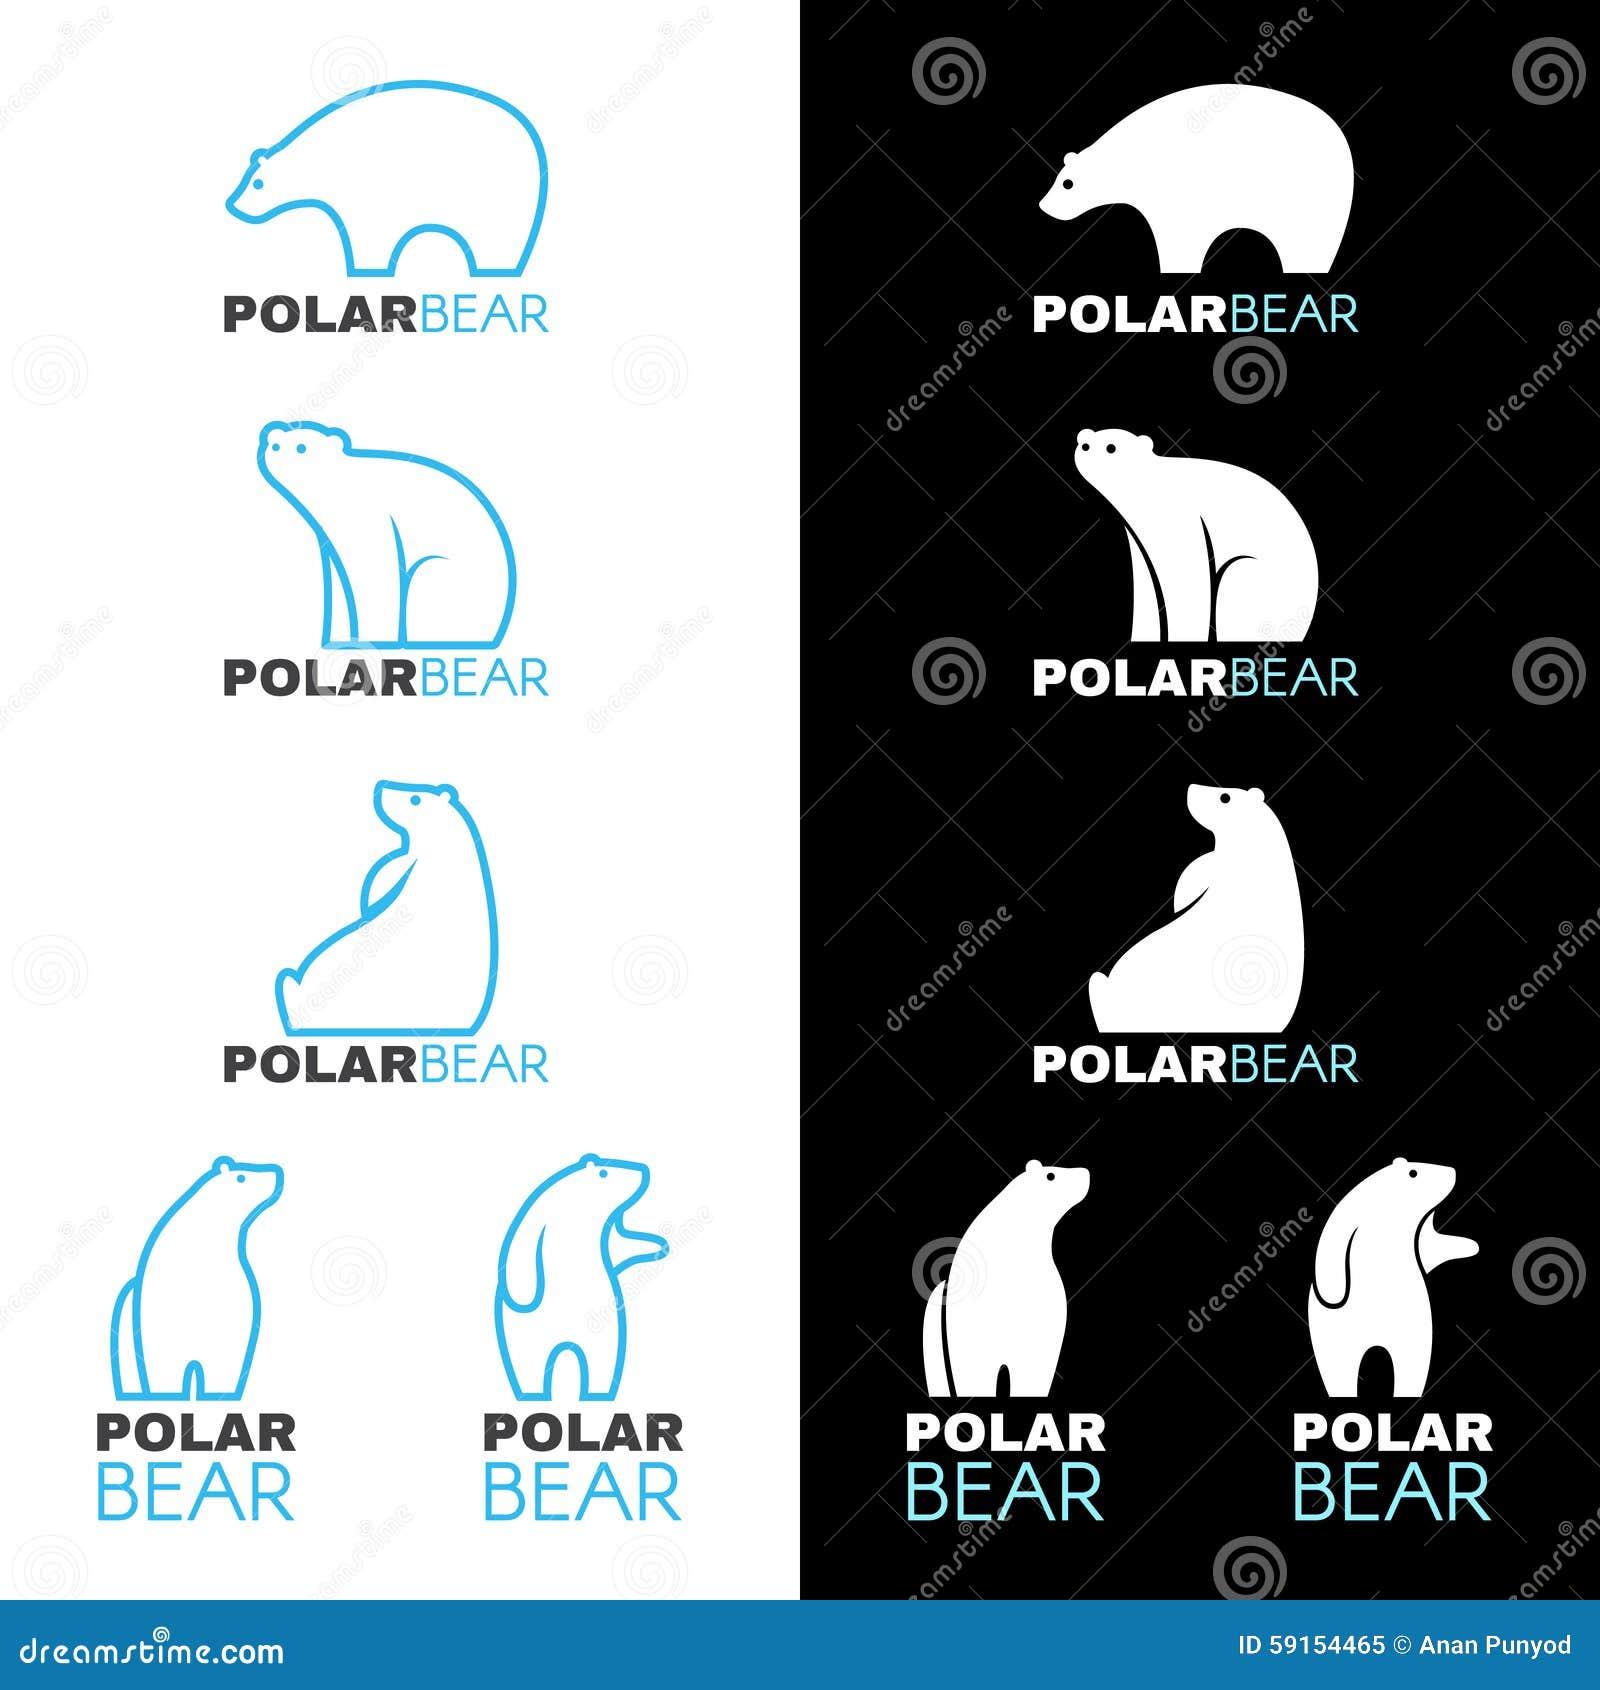 Polar Bear Graphic Design